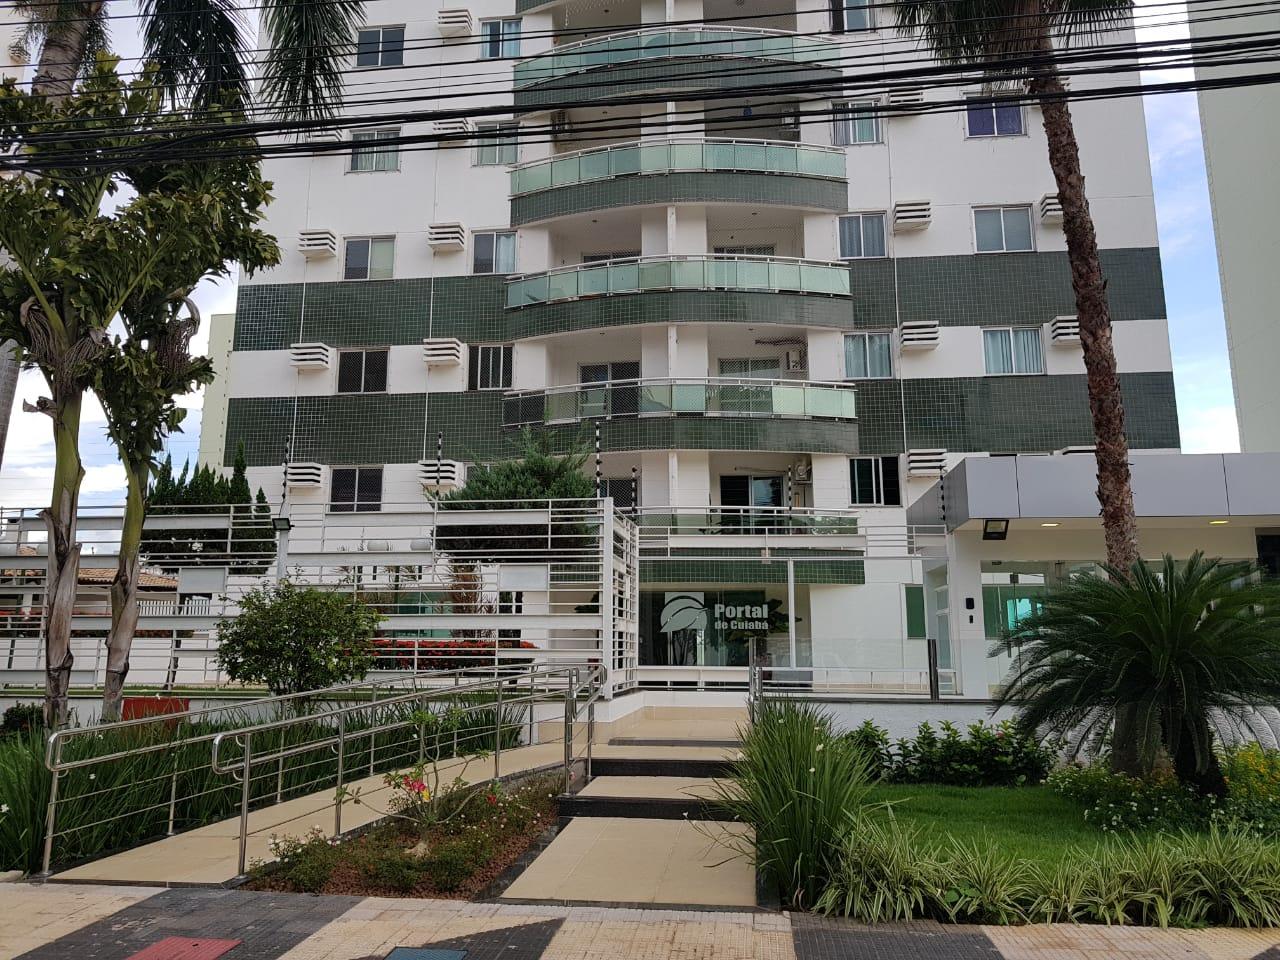 Apartamento à venda,  com 3 quartos sendo 1 suite no Alvorada em Cuiabá MT 101 11958